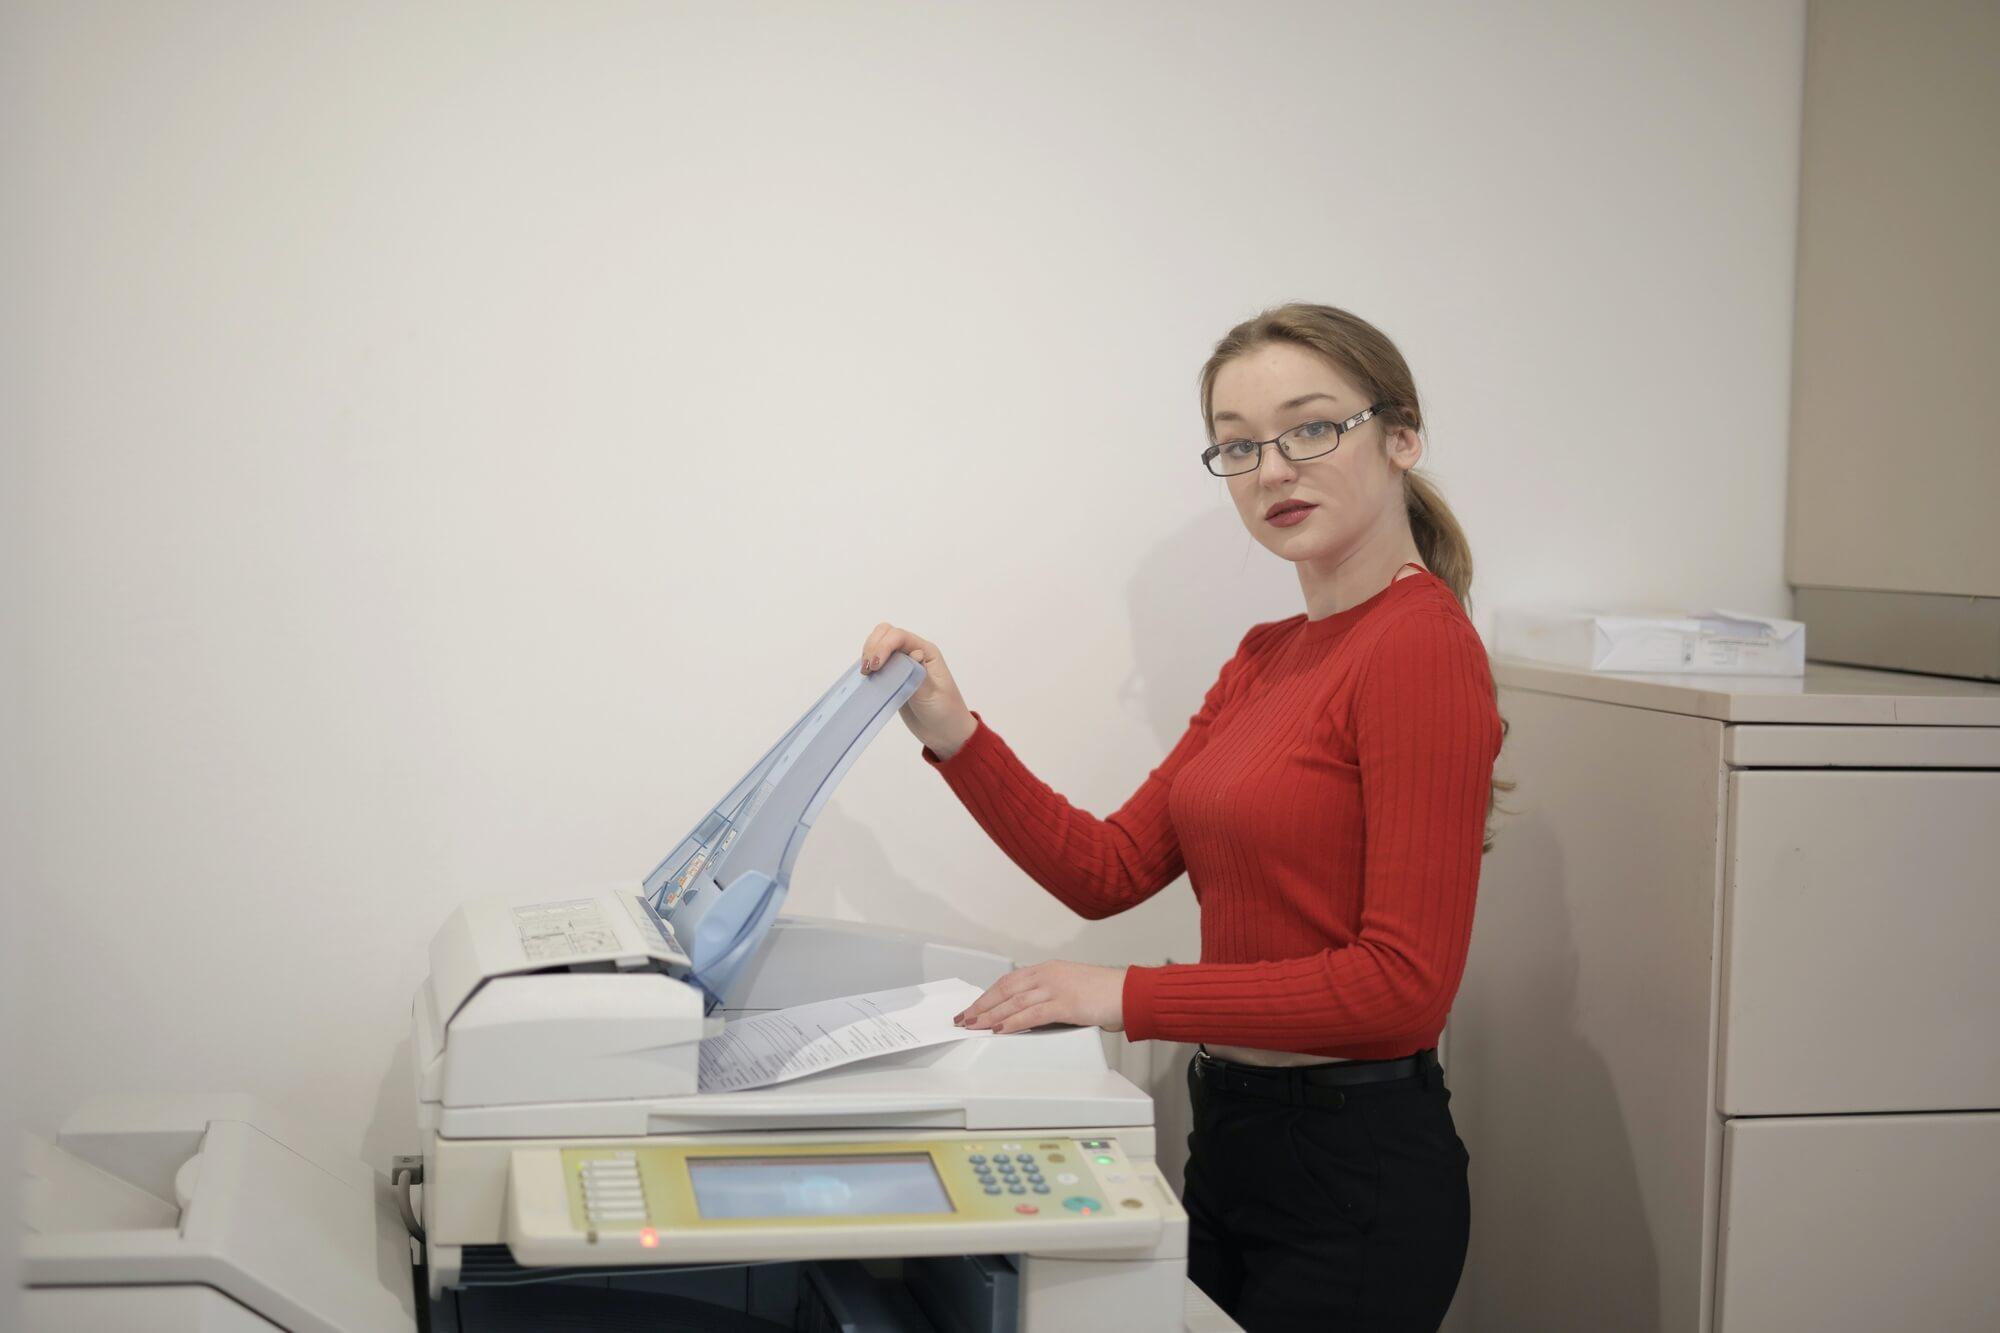 Digitalização de documentos: por que você deveria abandonar a papelada